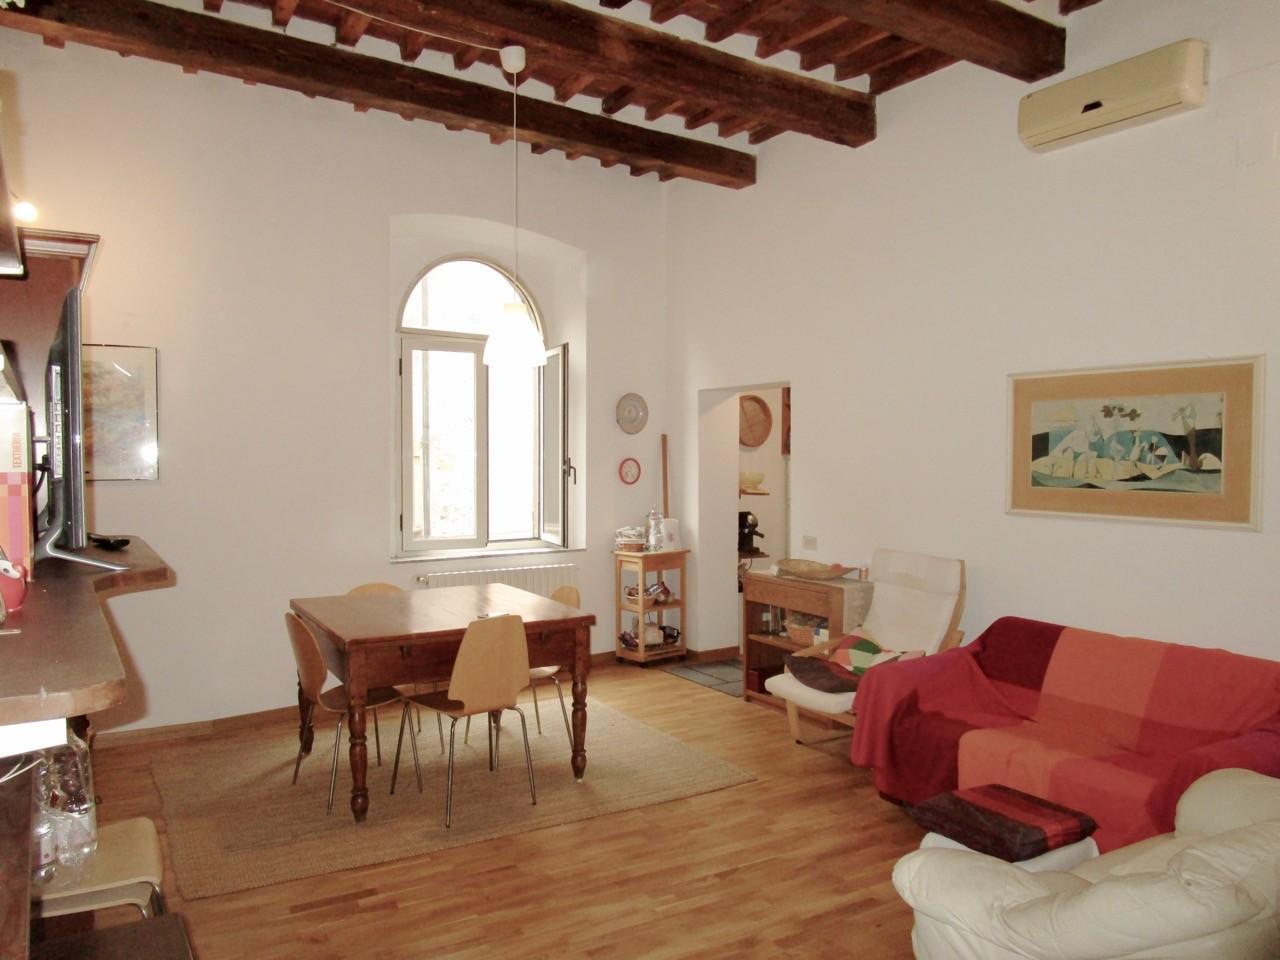 Appartamento in vendita a Pisa, 5 locali, prezzo € 243.000 | PortaleAgenzieImmobiliari.it